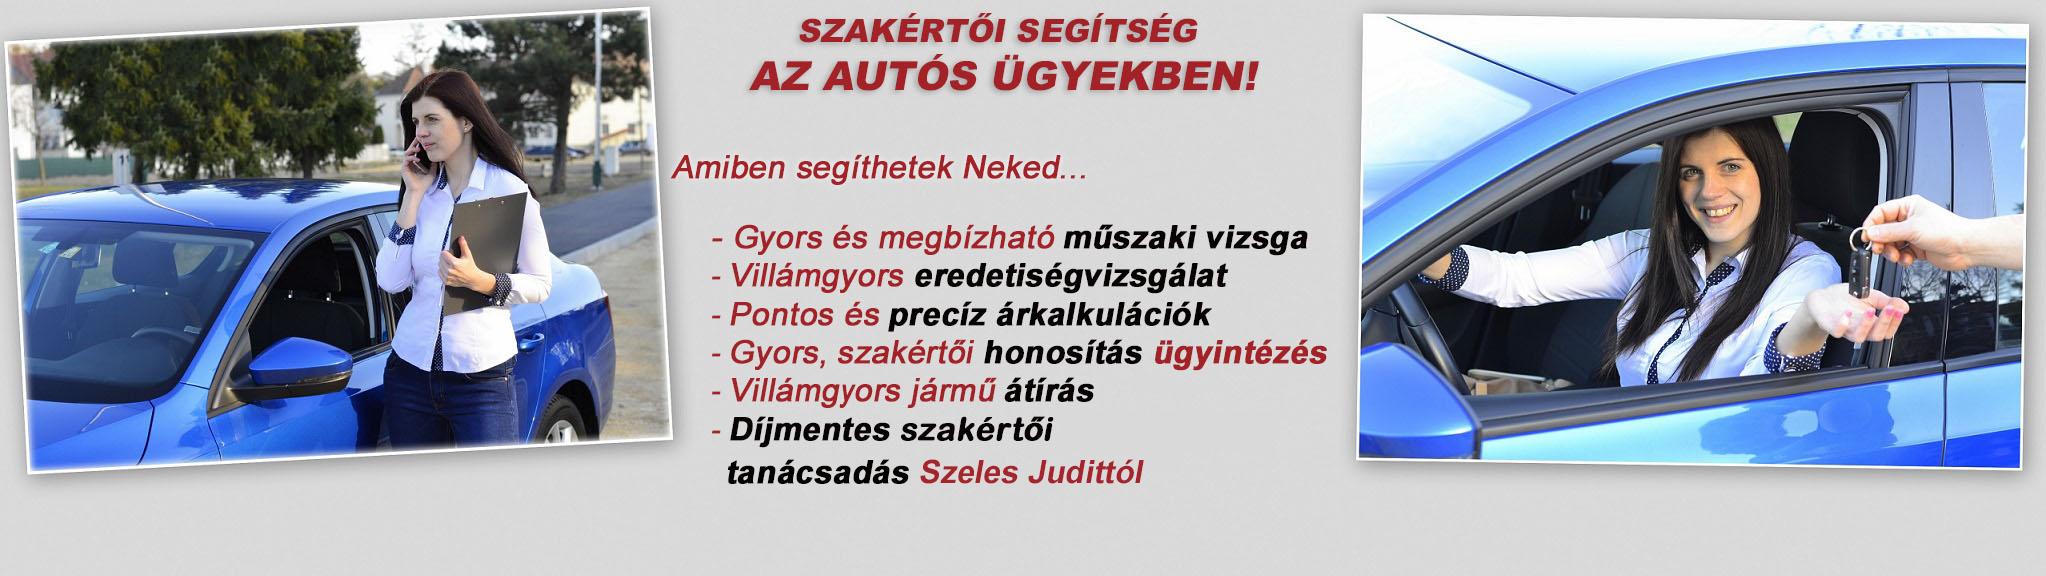 AutósHírügynökség